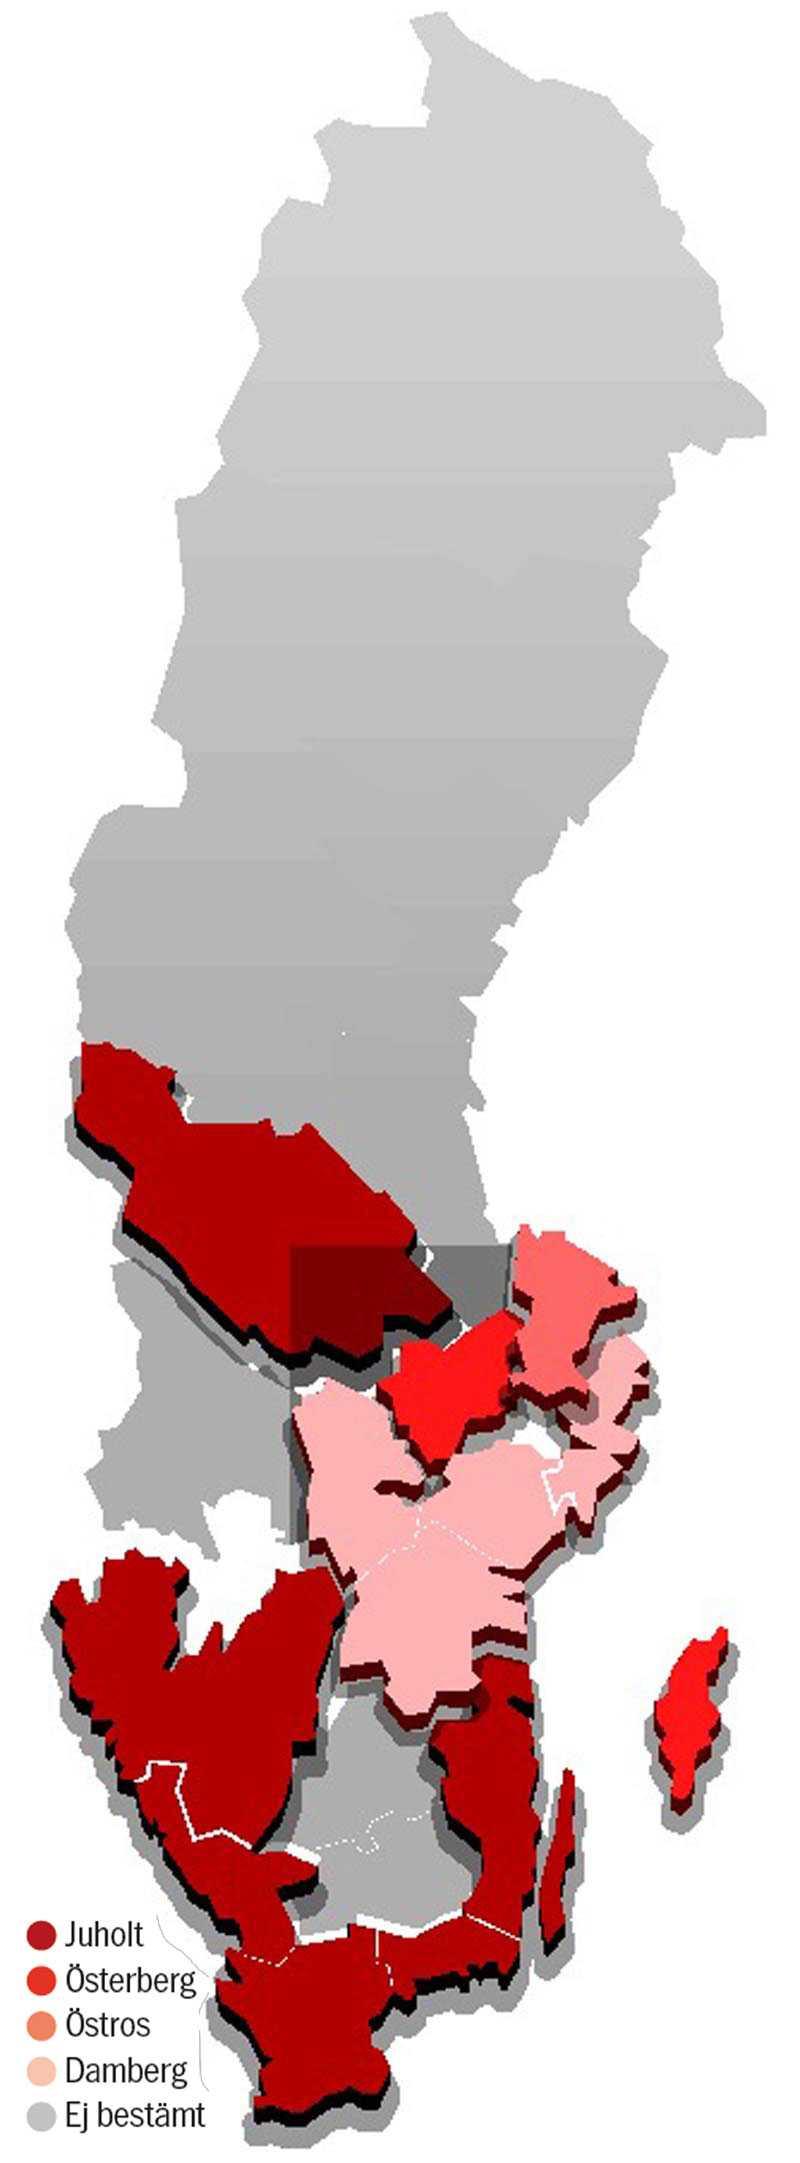 Fotnot: Kartan bygger på intervjuer med ett stort antal partimedlemmar i distrikten och högt uppsattta S-källor. Förhandlingar pågår och kartan förändras kontinuerligt.